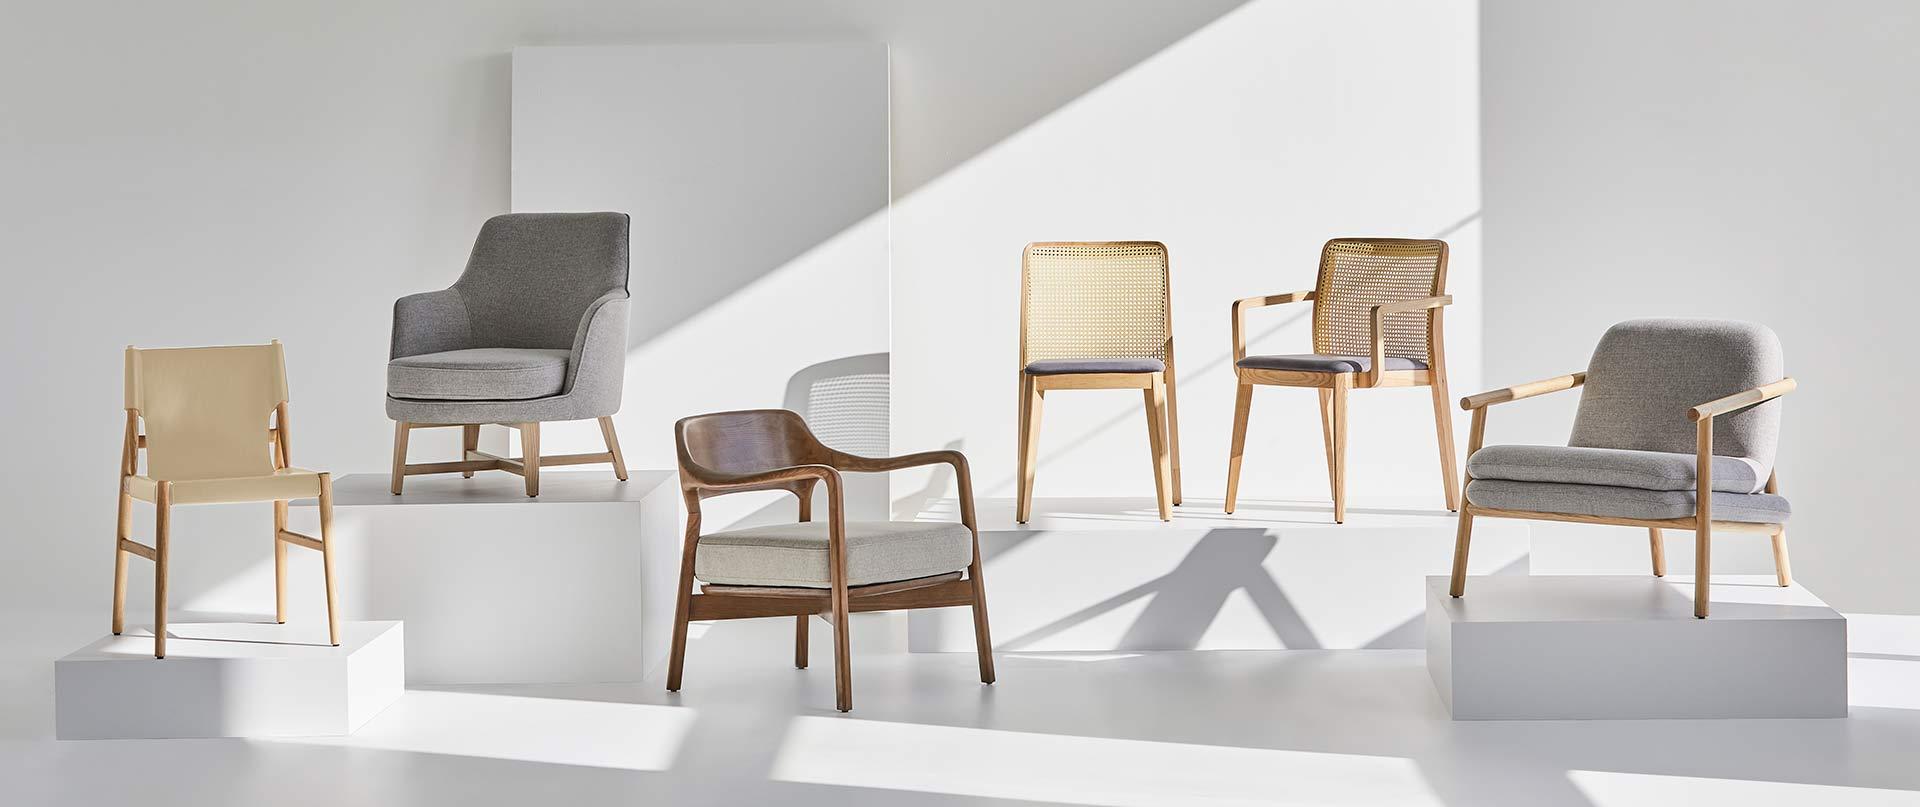 GlucksteinHome | Spring 21 Accent Chairs